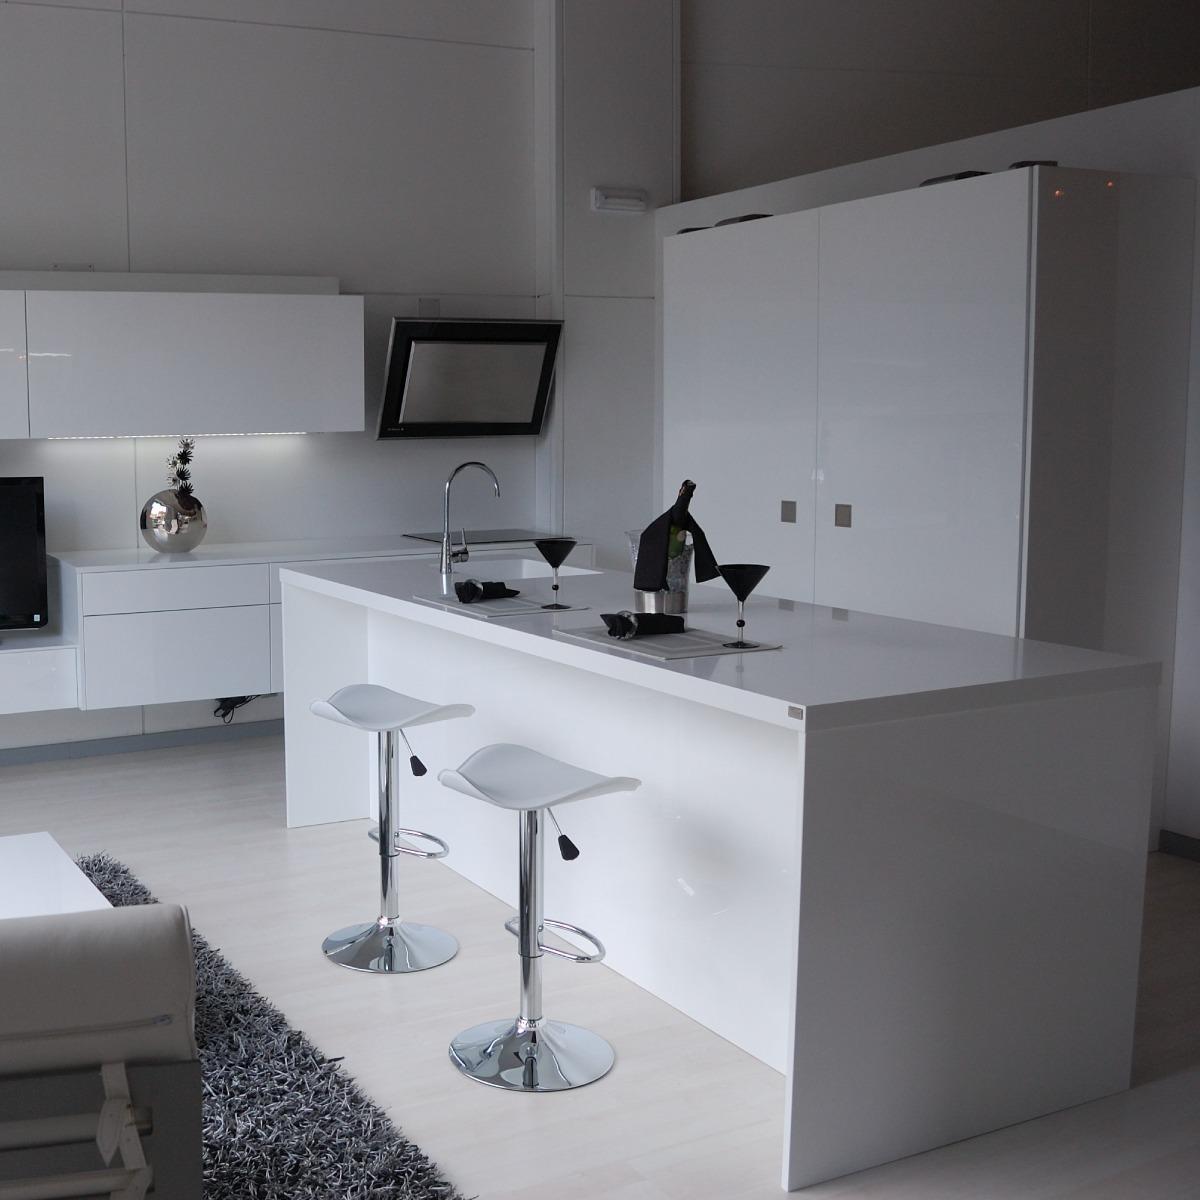 Cocina Minimalista / Muebles De Cocina / Diseño Italiano /m3